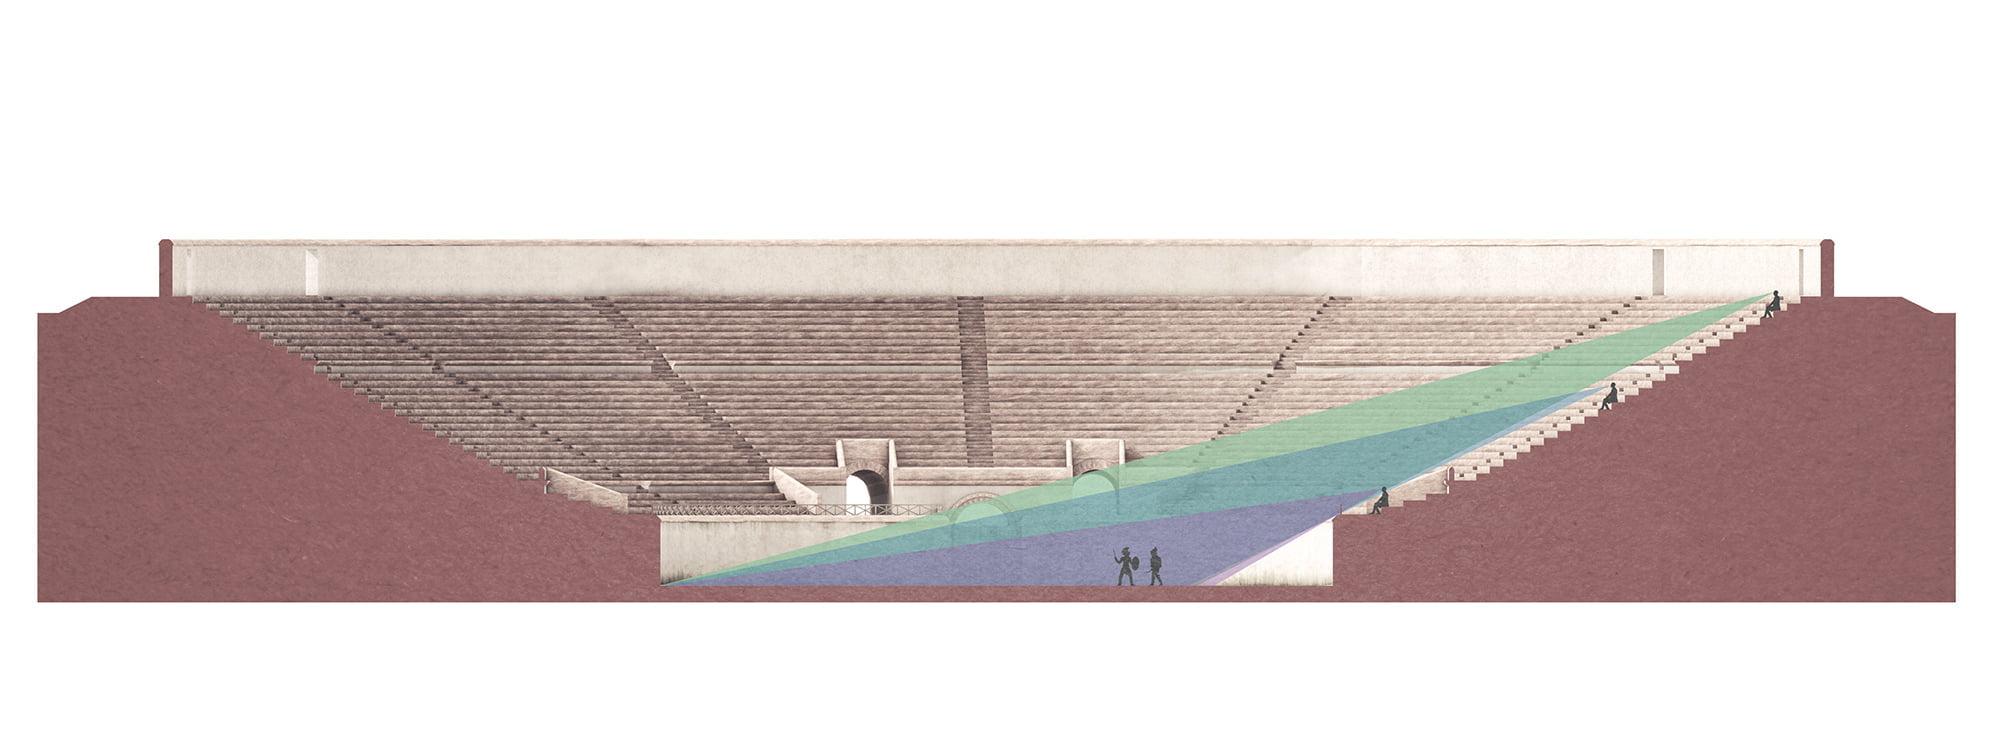 Augusta Raurica, infotafel, 3d-visualisierung amphitheater, querschnitt, ikonaut